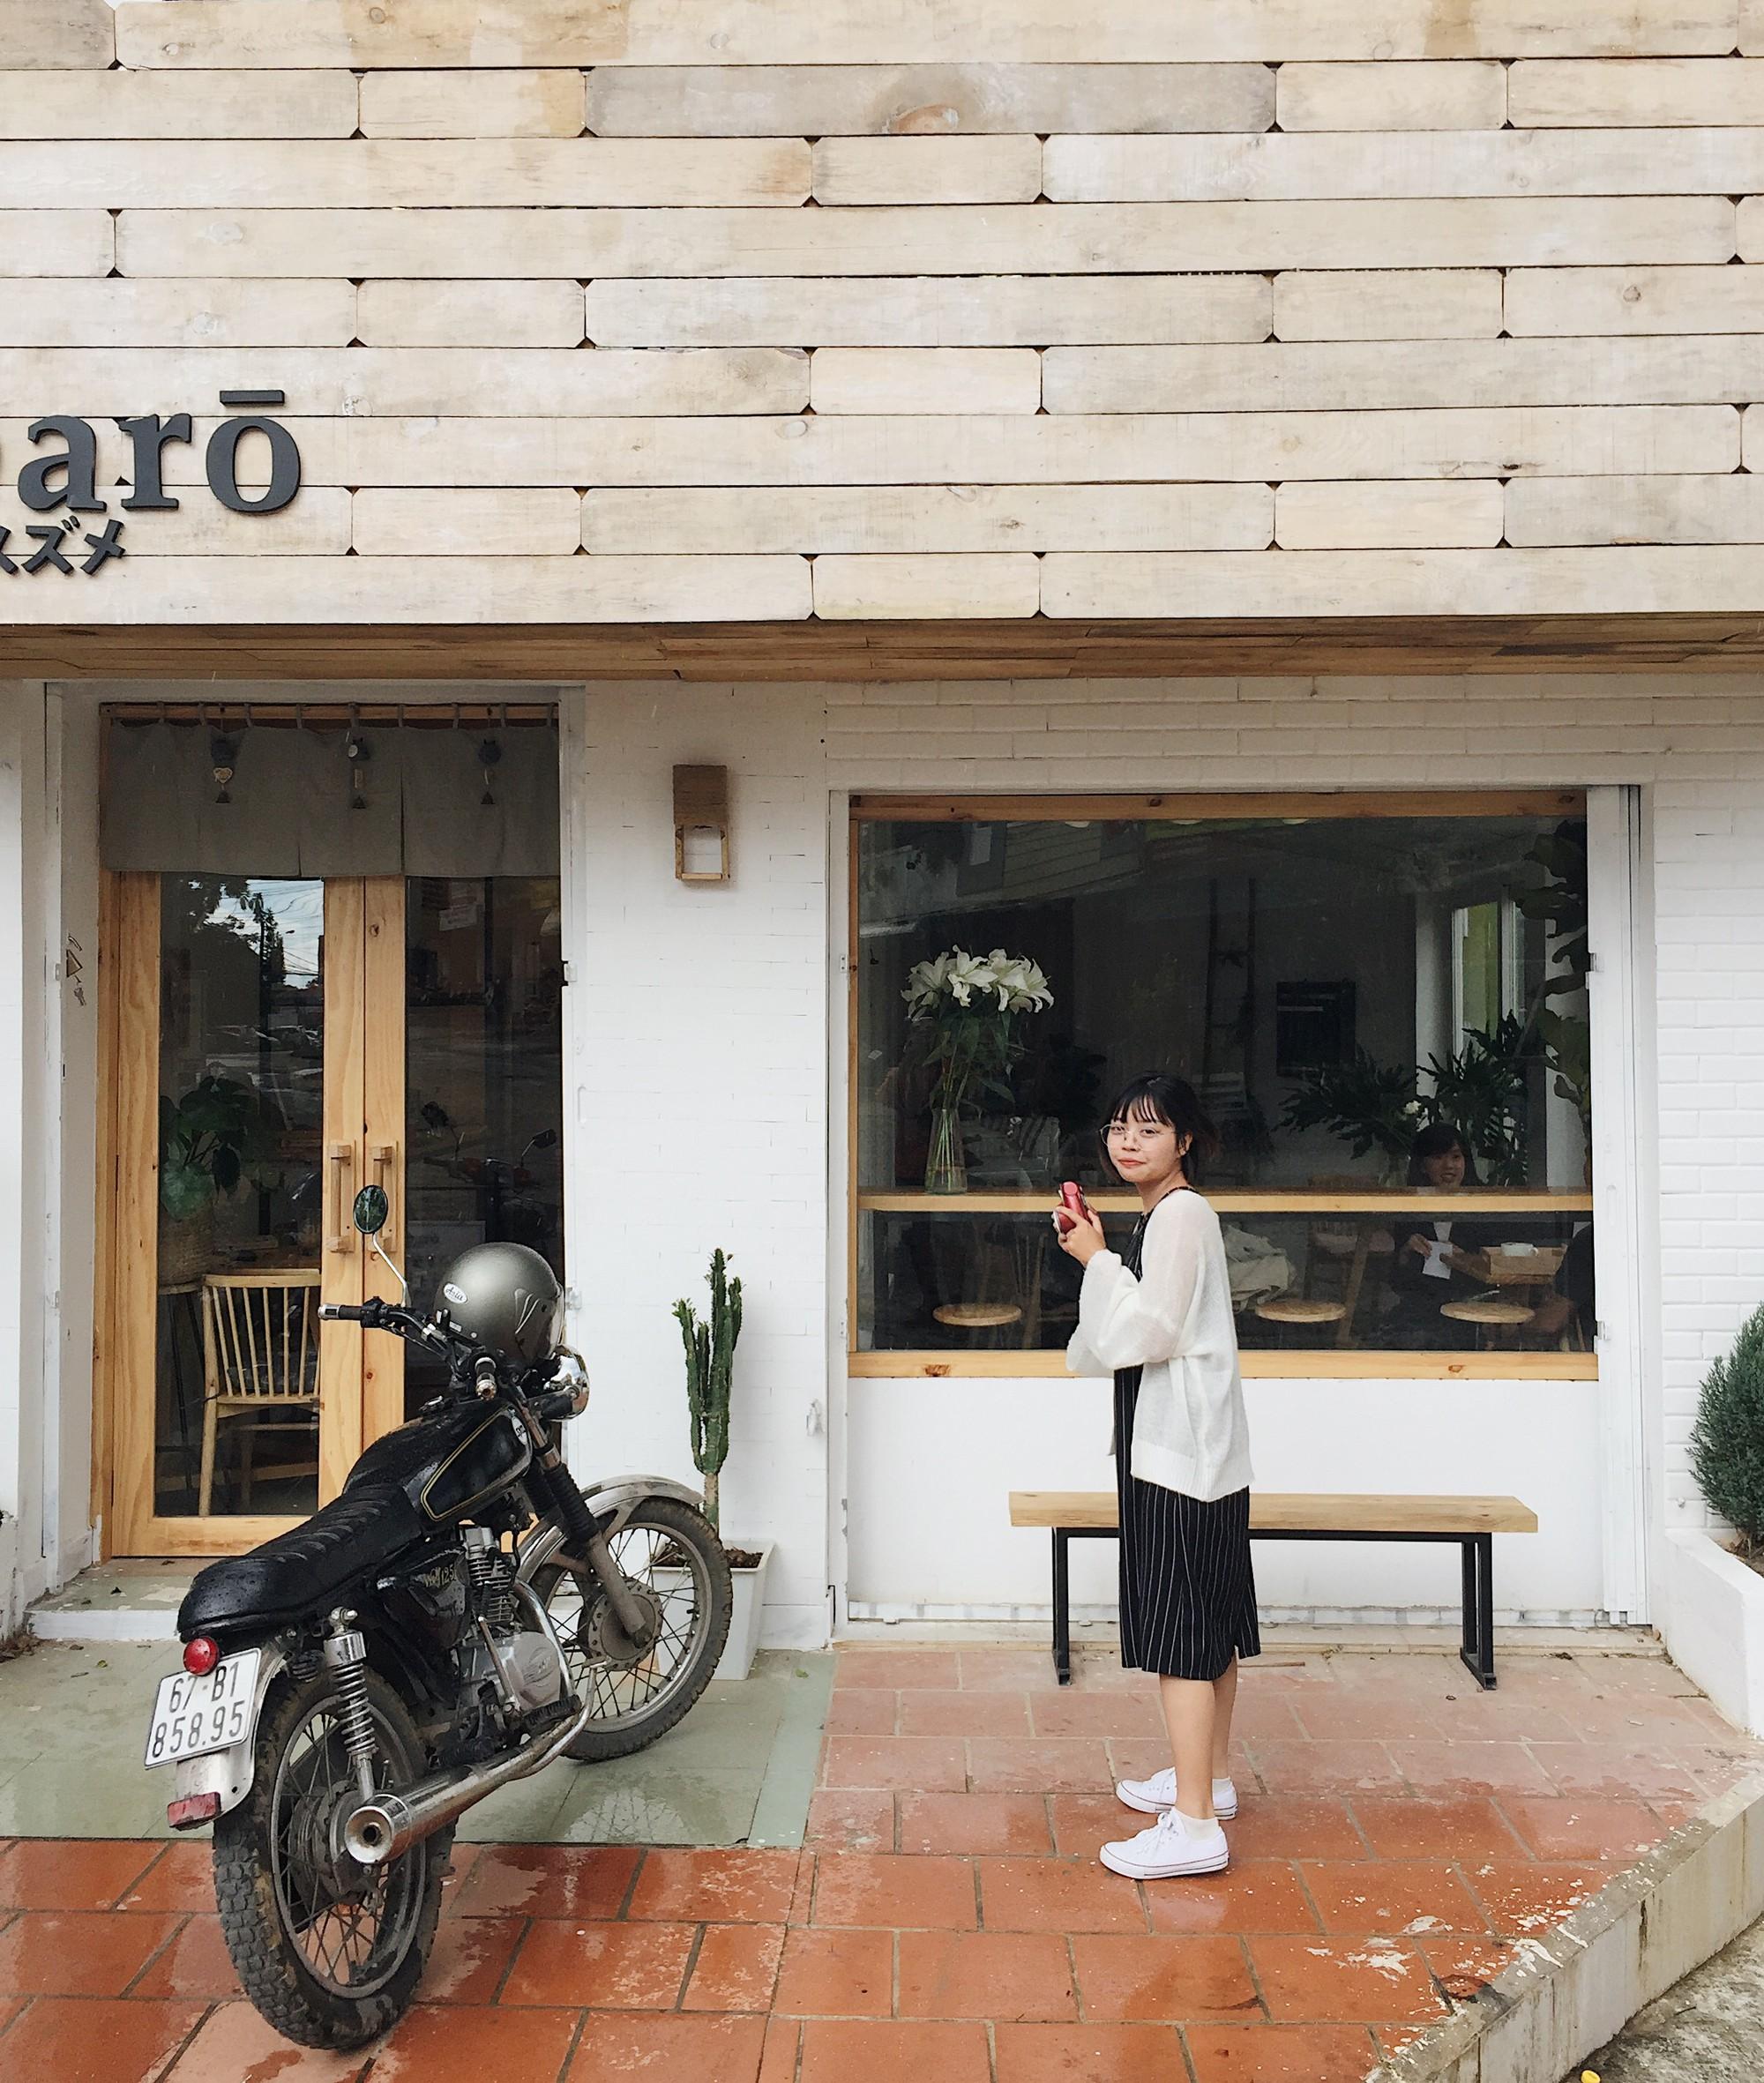 3 quán cà phê mới toanh ở Đà Lạt: Đi 1 lần chụp ảnh sống ảo dùng cả năm - Ảnh 9.